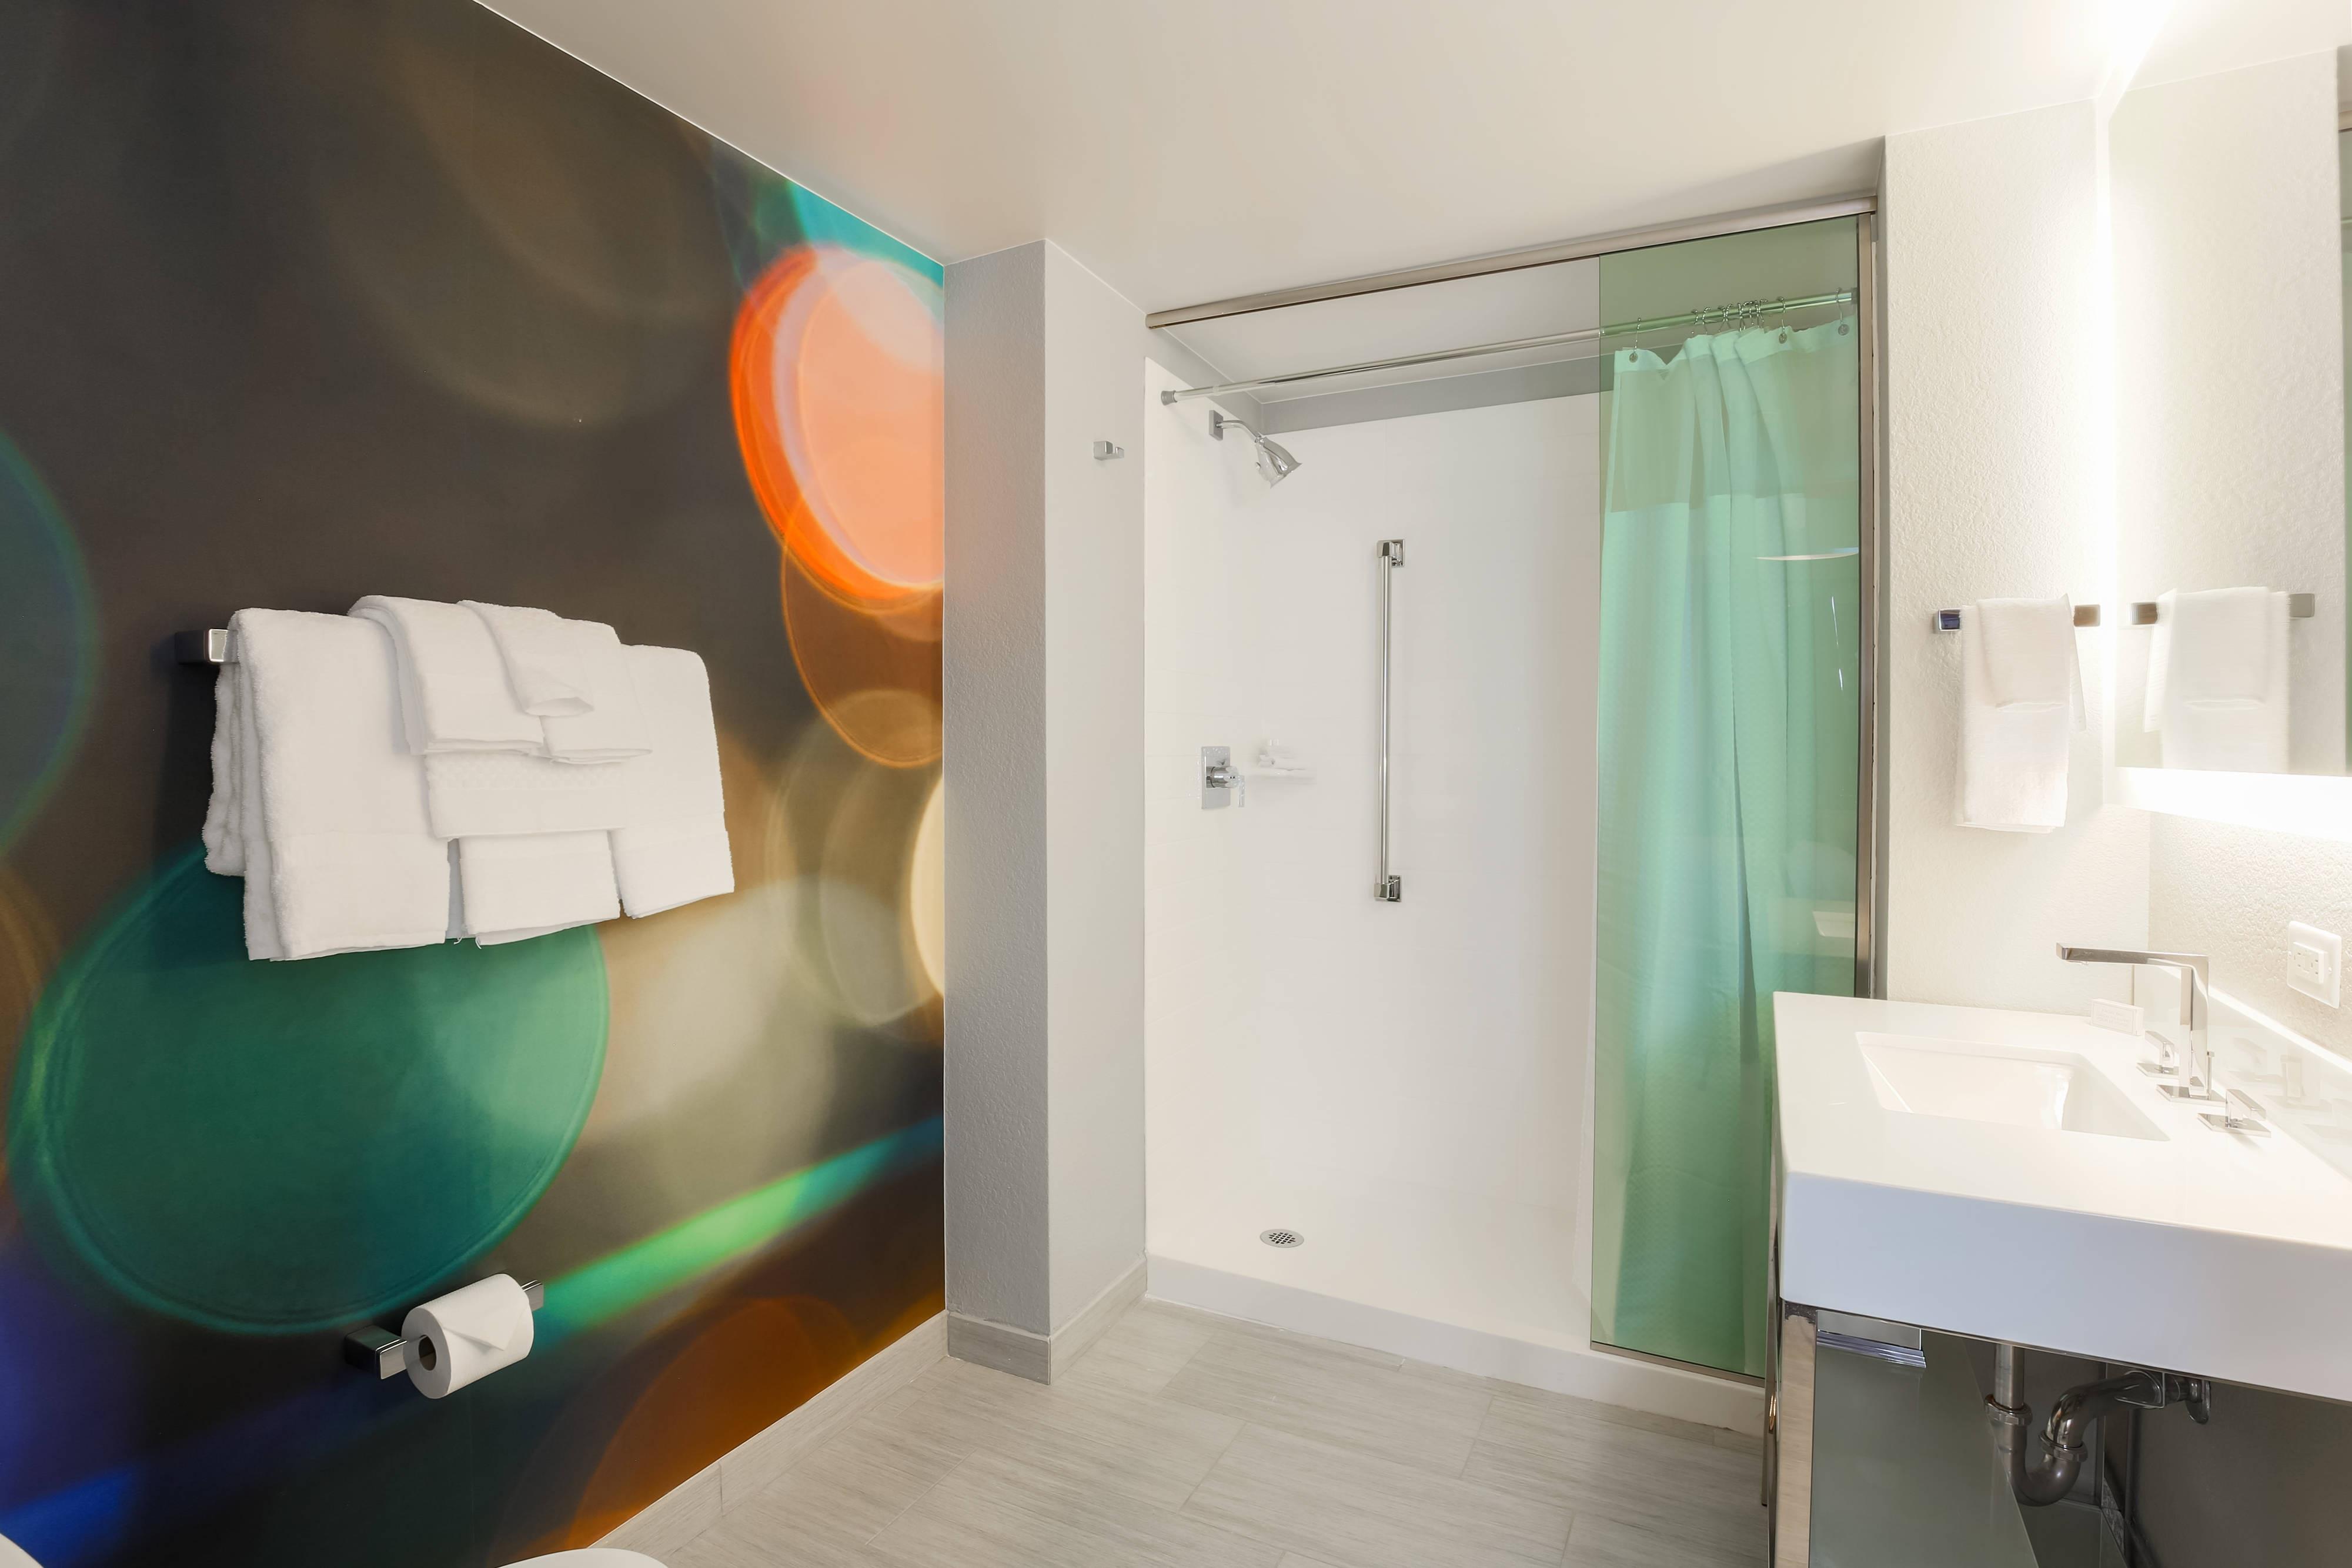 Baño con facilidades para personas con necesidades especiales